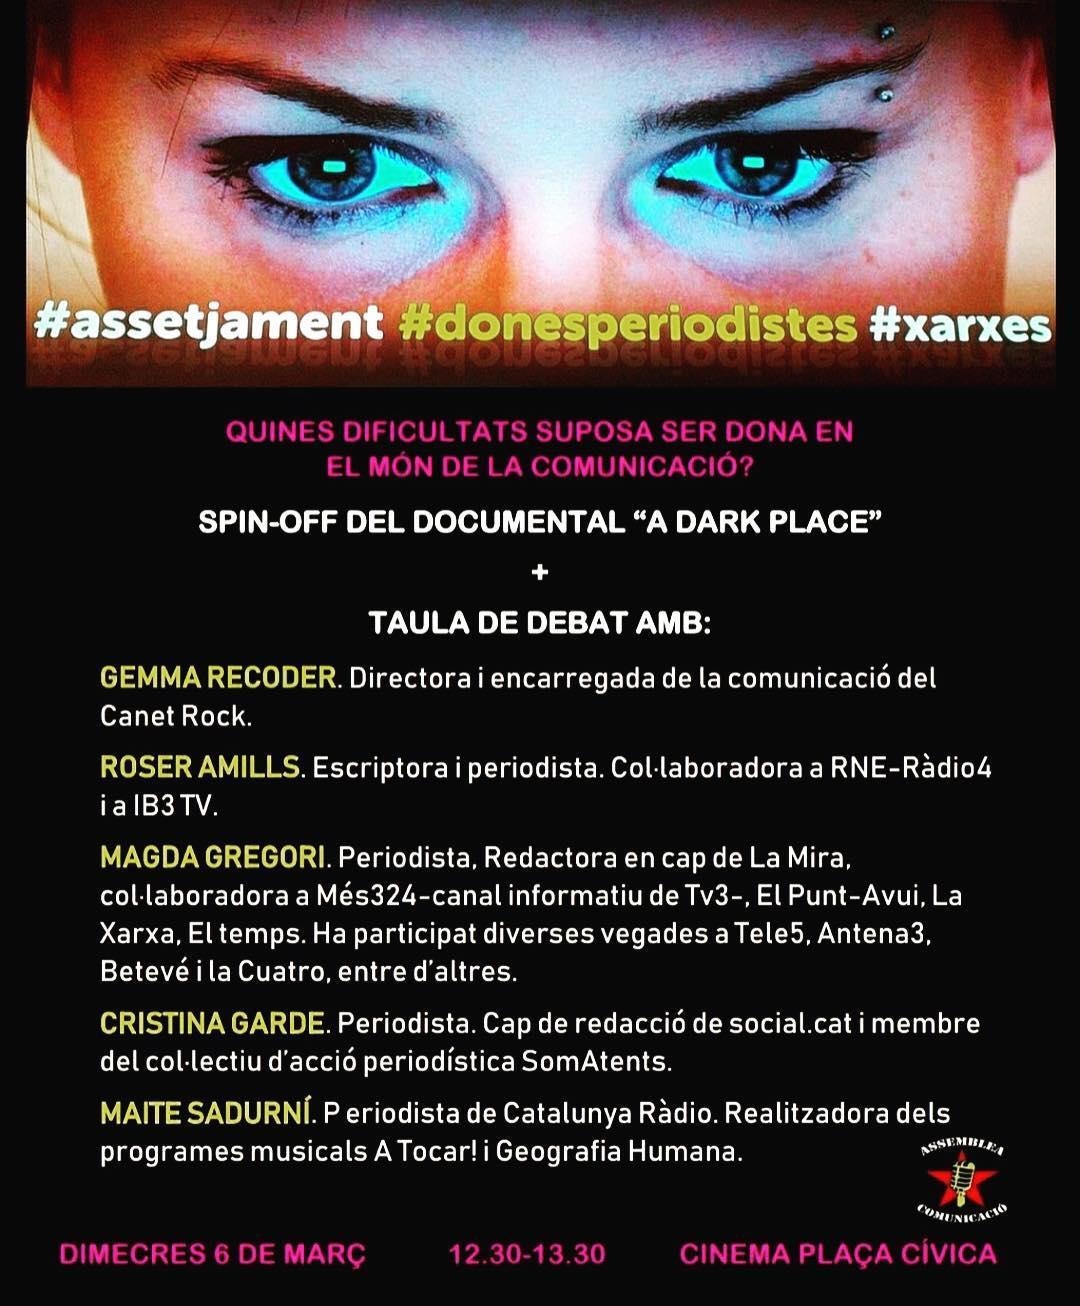 Demà serem a la @uabbarcelona per parlar de dones i comunicació. Compartirem conversa amb @gemmarecoder , @magdagregoriborrell , #cristinagarde i @maitesadurni . Us hi esperem! #8demarç